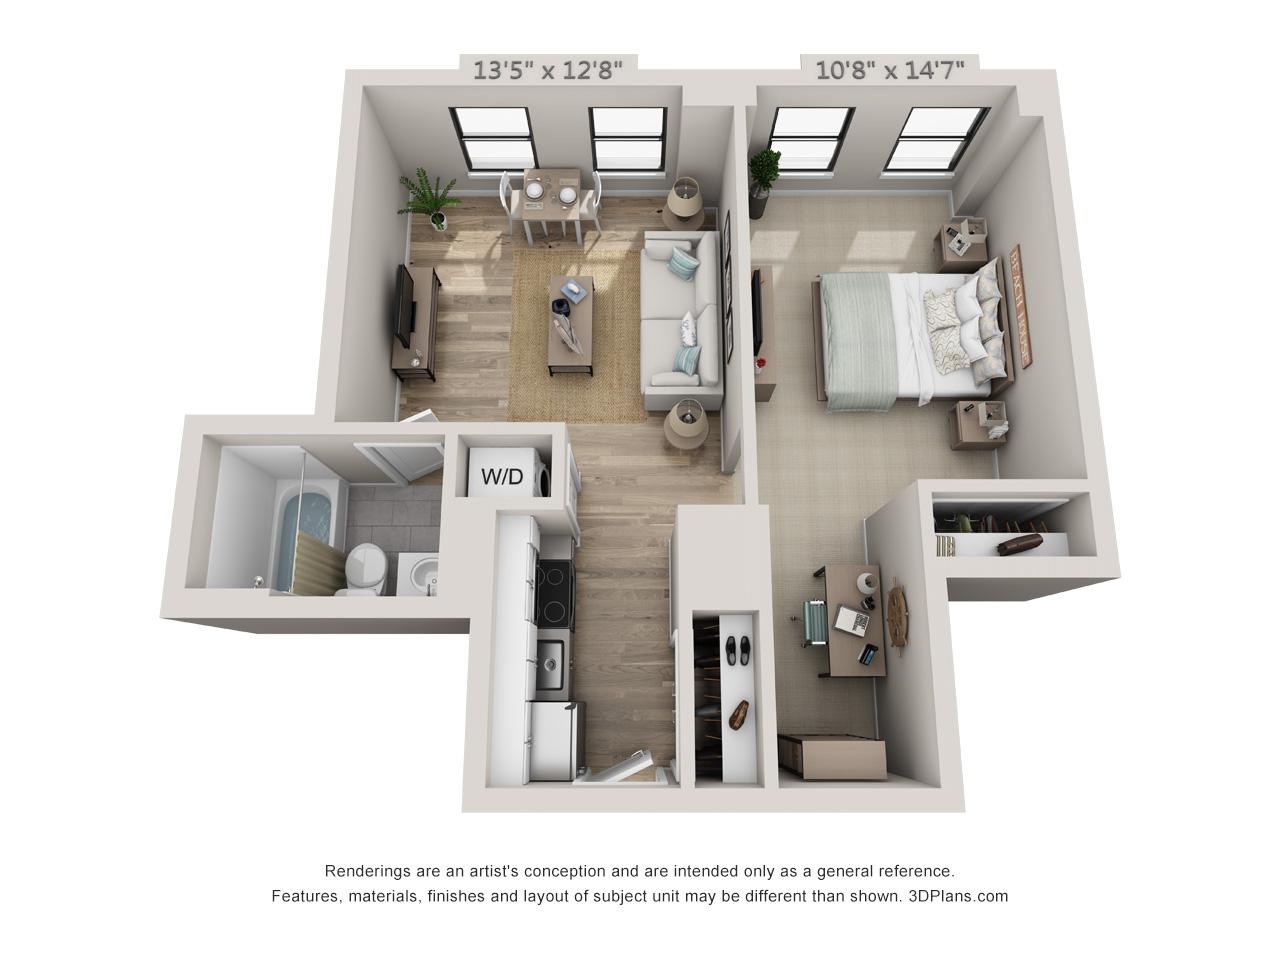 1 Bedroom, 1 Bath W/ Den